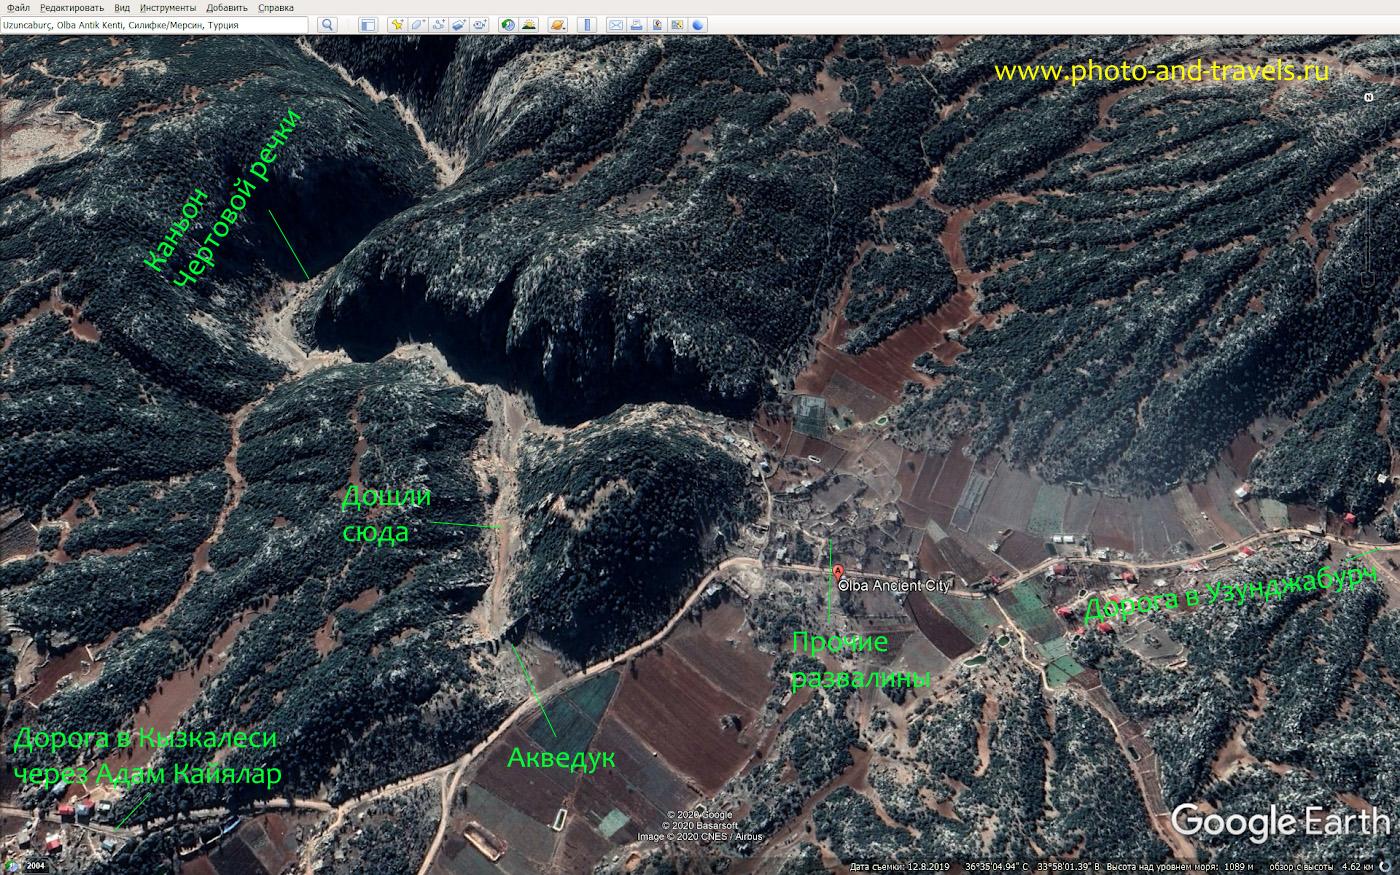 11. Карта со схемой расположения каньона, акведука и руин Ольбы.